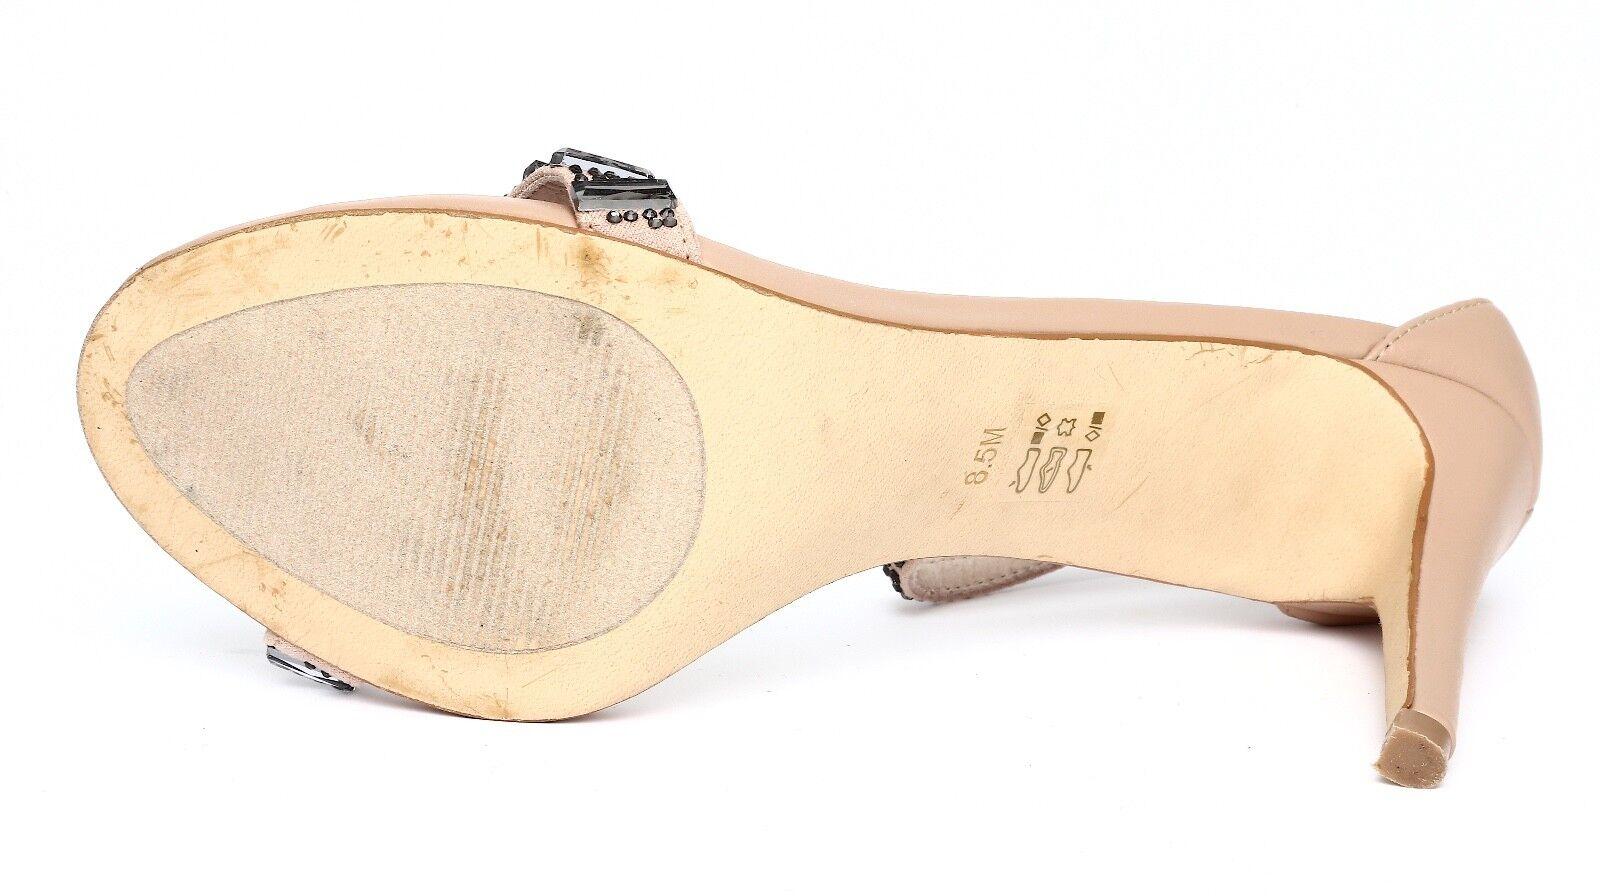 Steve Madden Damenschuhe Damenschuhe Damenschuhe Suzzana Beige Ankle Strap Sandale Heels Sz 8.5M 5099 e1f262